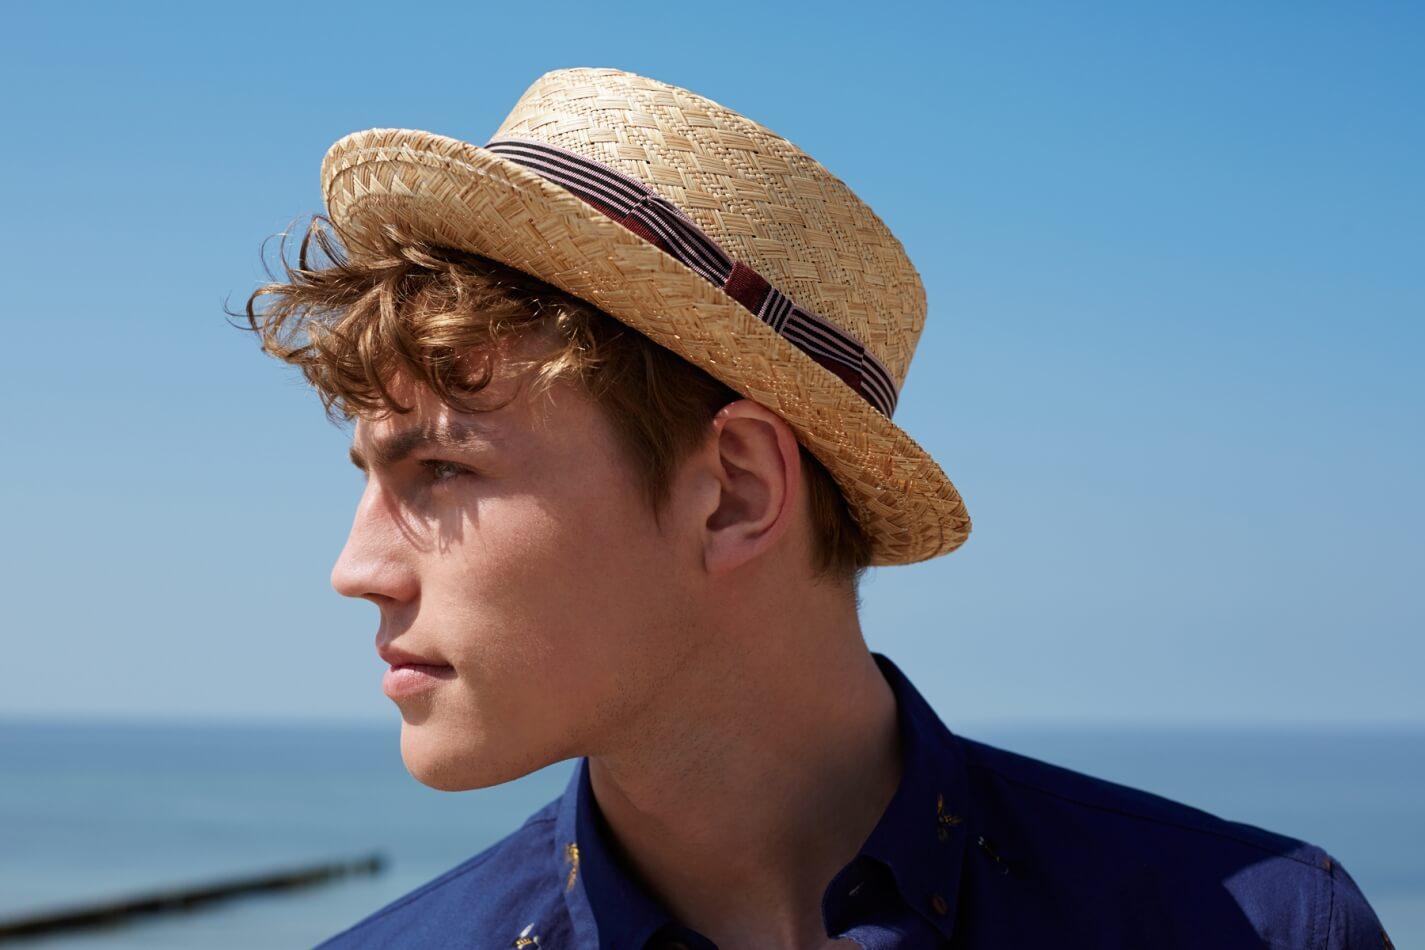 Zalando: Summer Fashion | Lunik - Photo Production ...